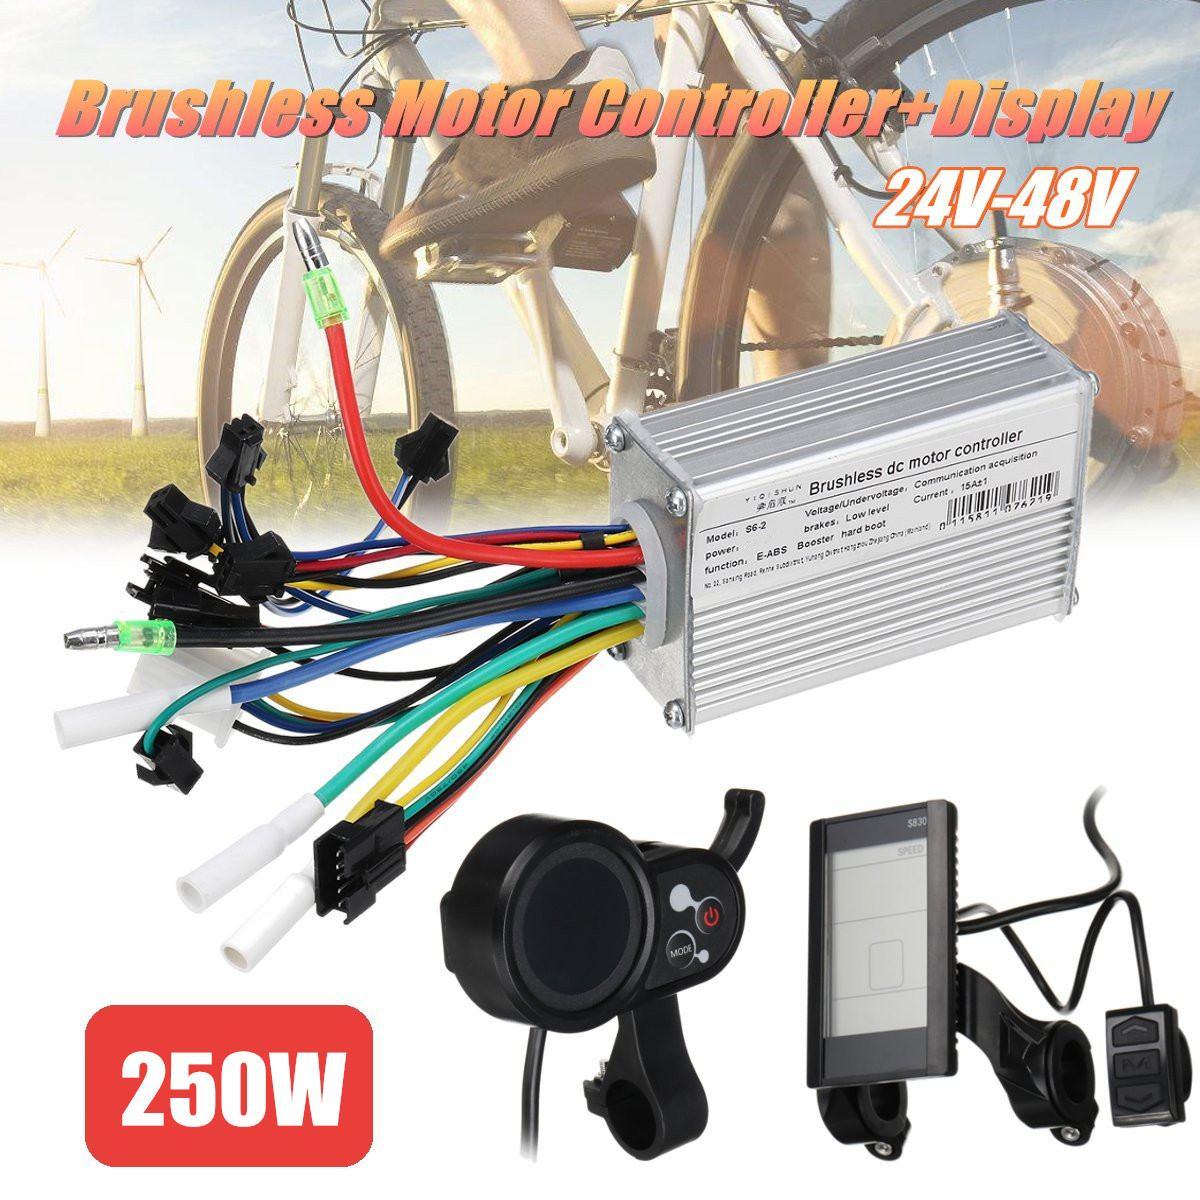 Contrôleur de moteur sans brosse 250 W 24 V-48 V LCD/affichage intelligent pour Scooter e-bike accessoires de vélo électrique